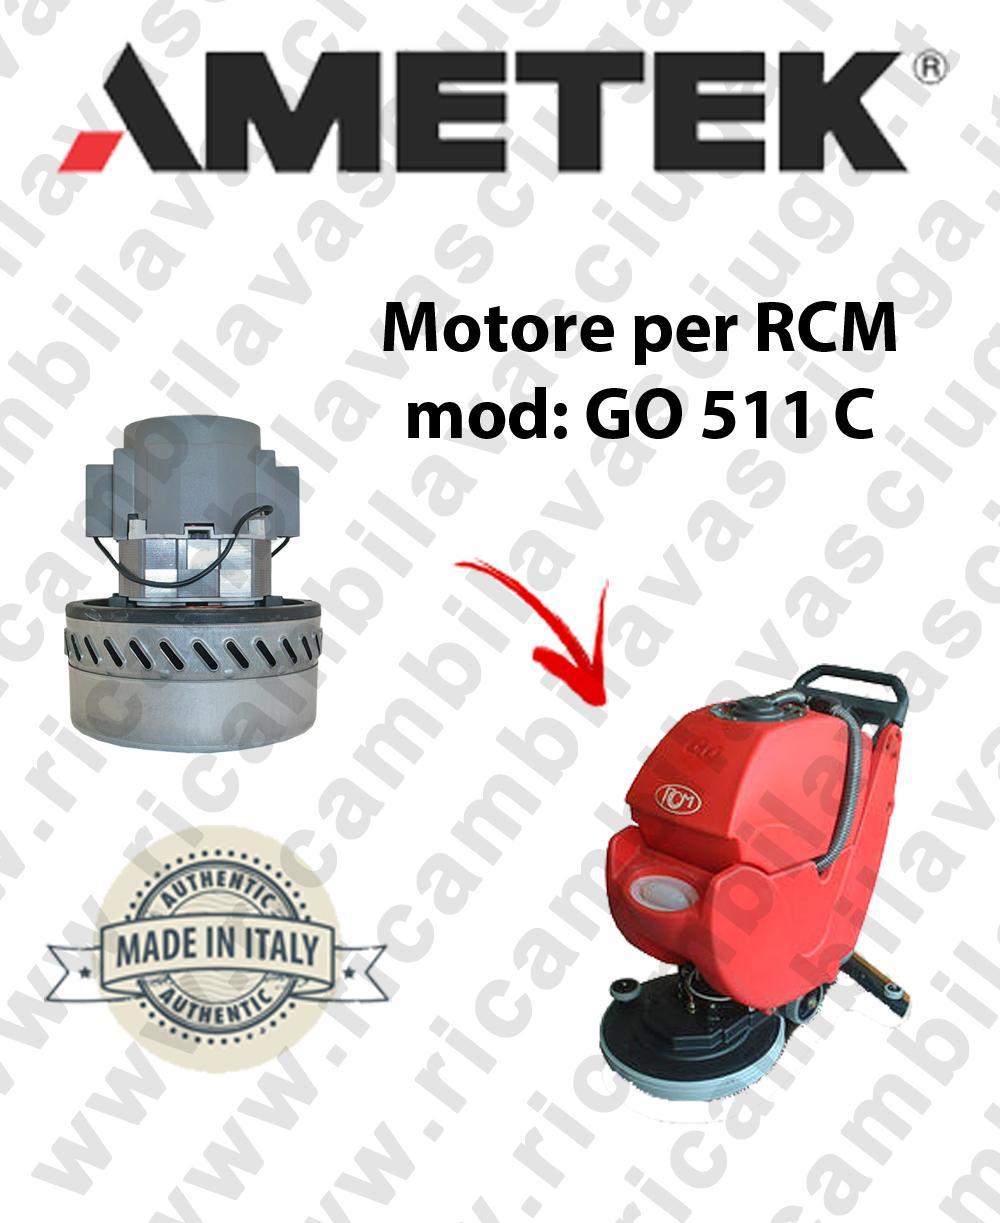 GO 511 C motor de aspiración AMETEK fregadora RCM